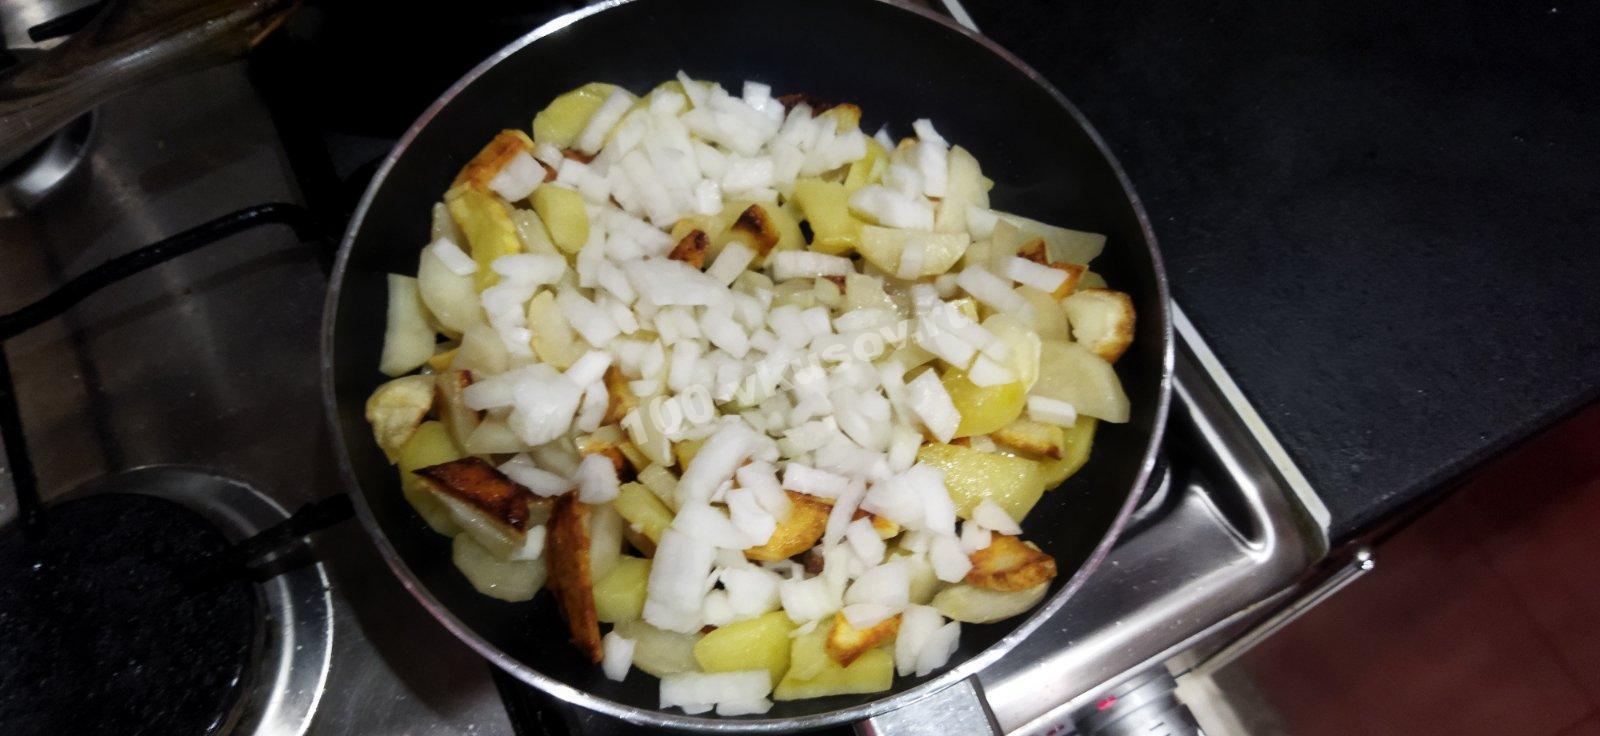 Добавляем лук к жареному картофелю